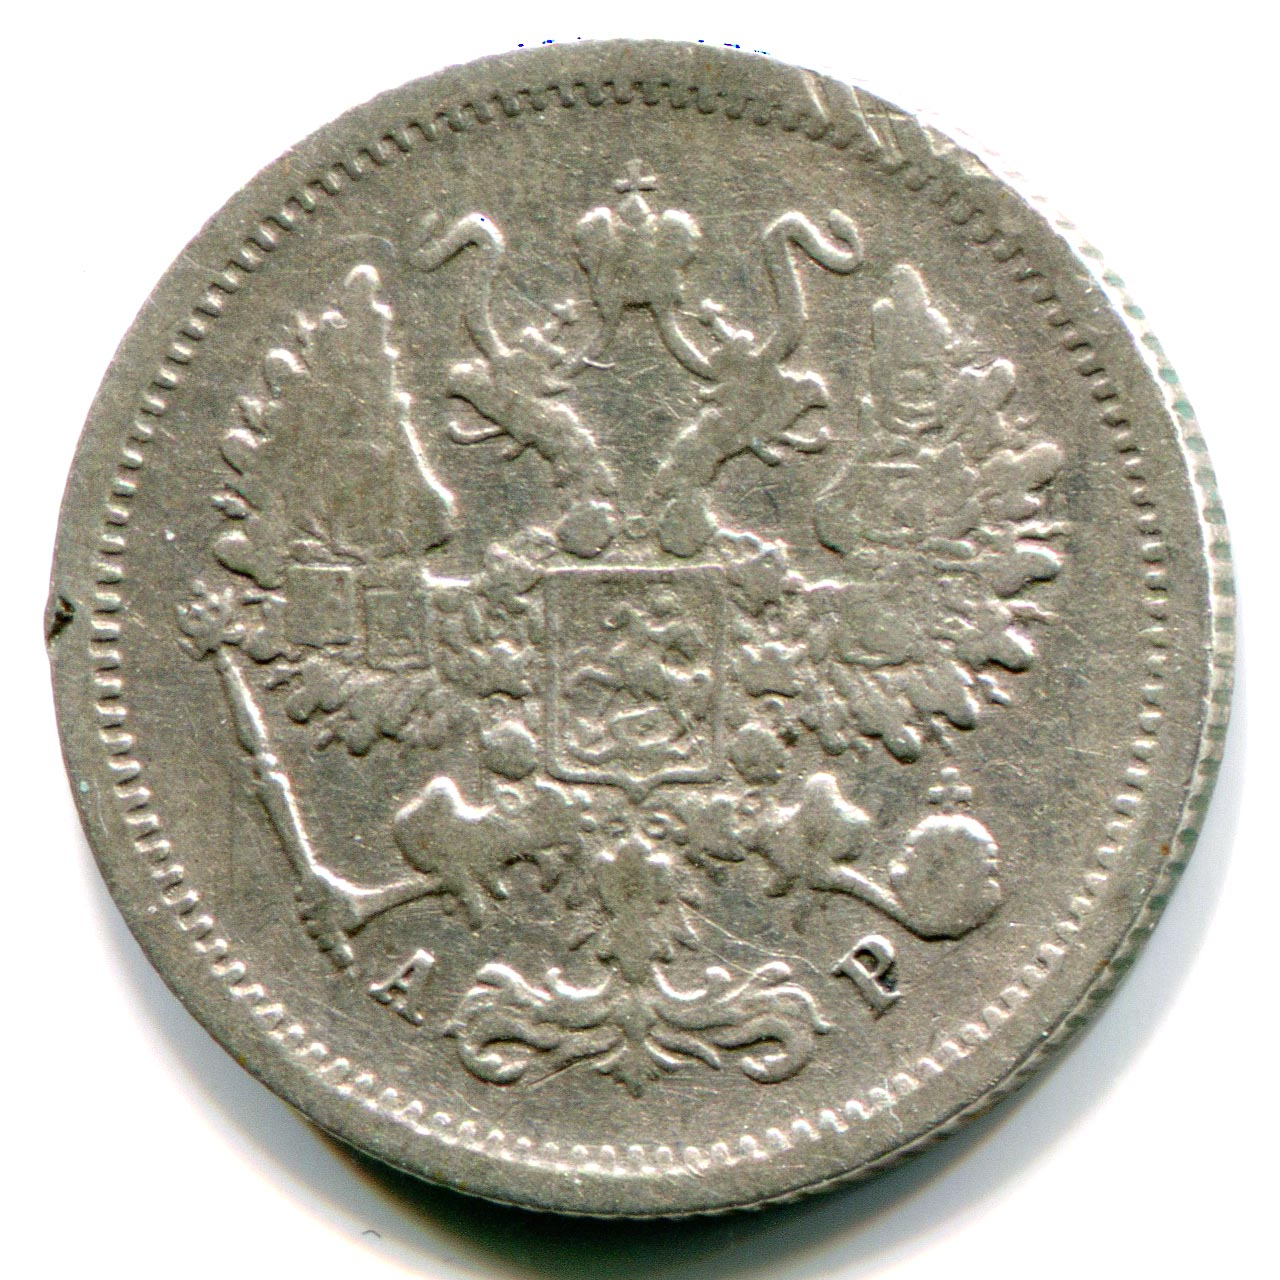 10 копеек 1905 года продам десятирублевые юбилейные монеты